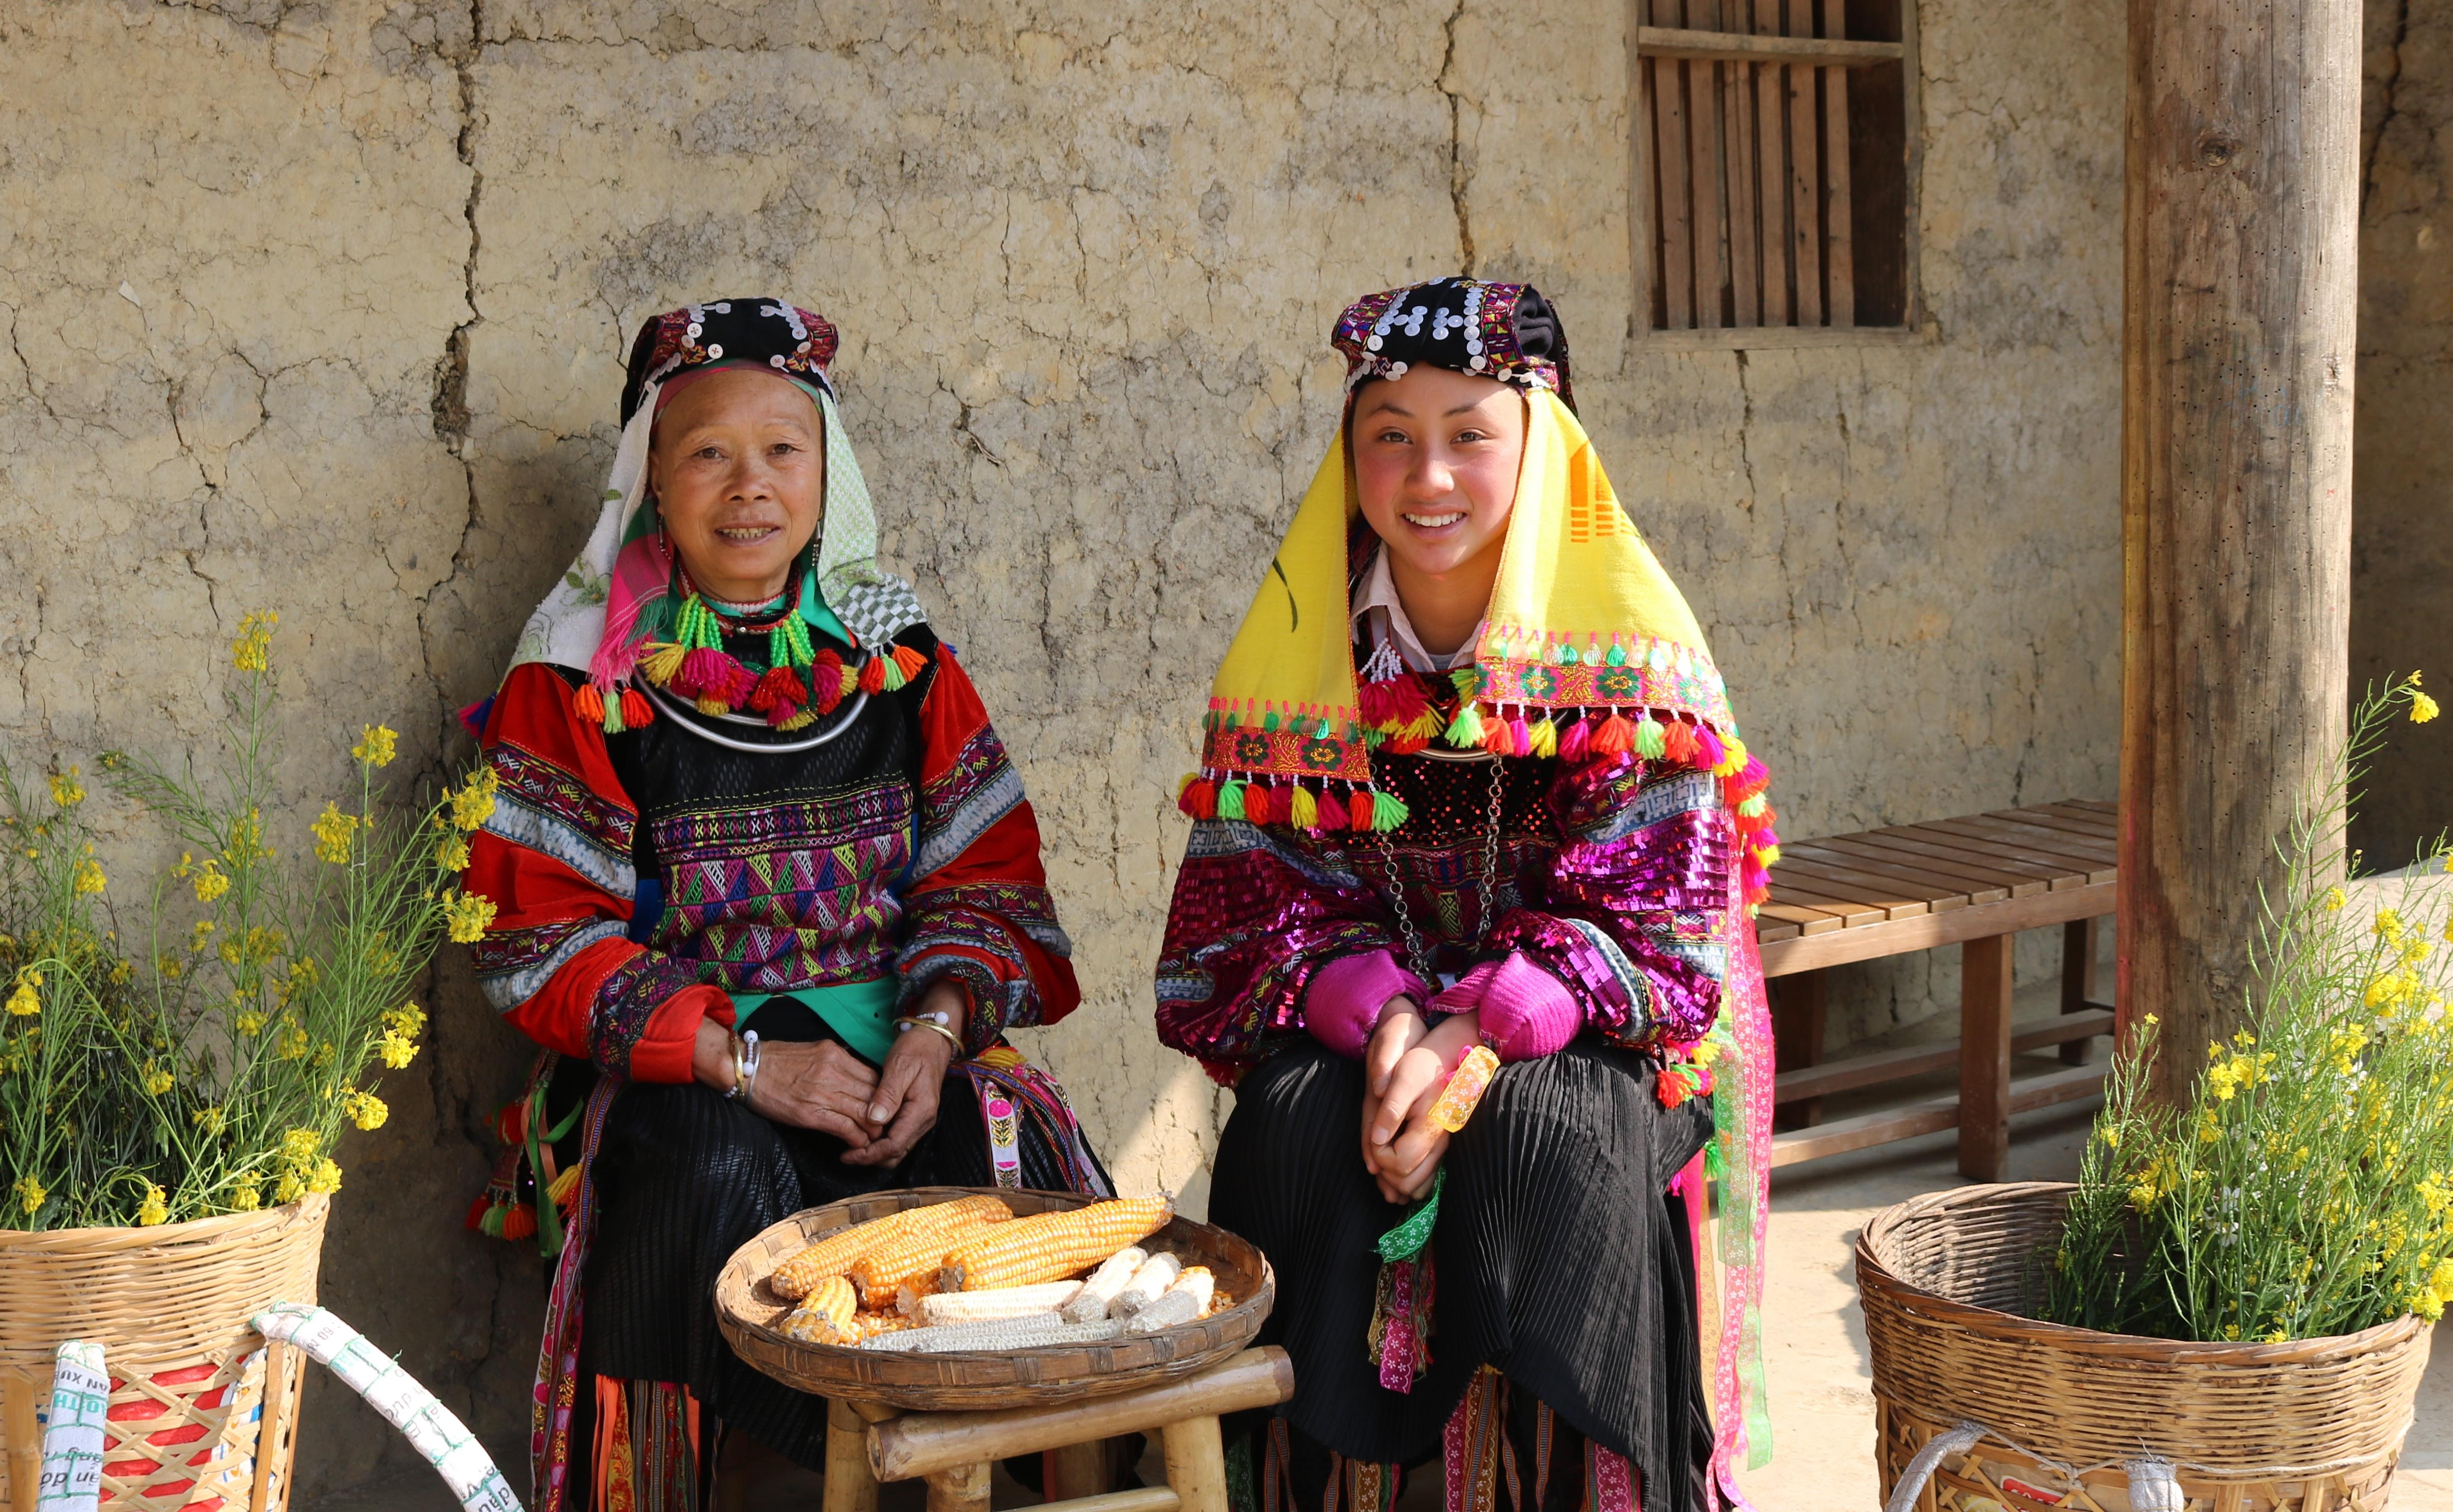 Phụ nữ dân tộc Lô Lô ở xã Lũng Cú, huyện Đồng Văn diện trang sức bạc cùng với bộ trang phục truyền thống